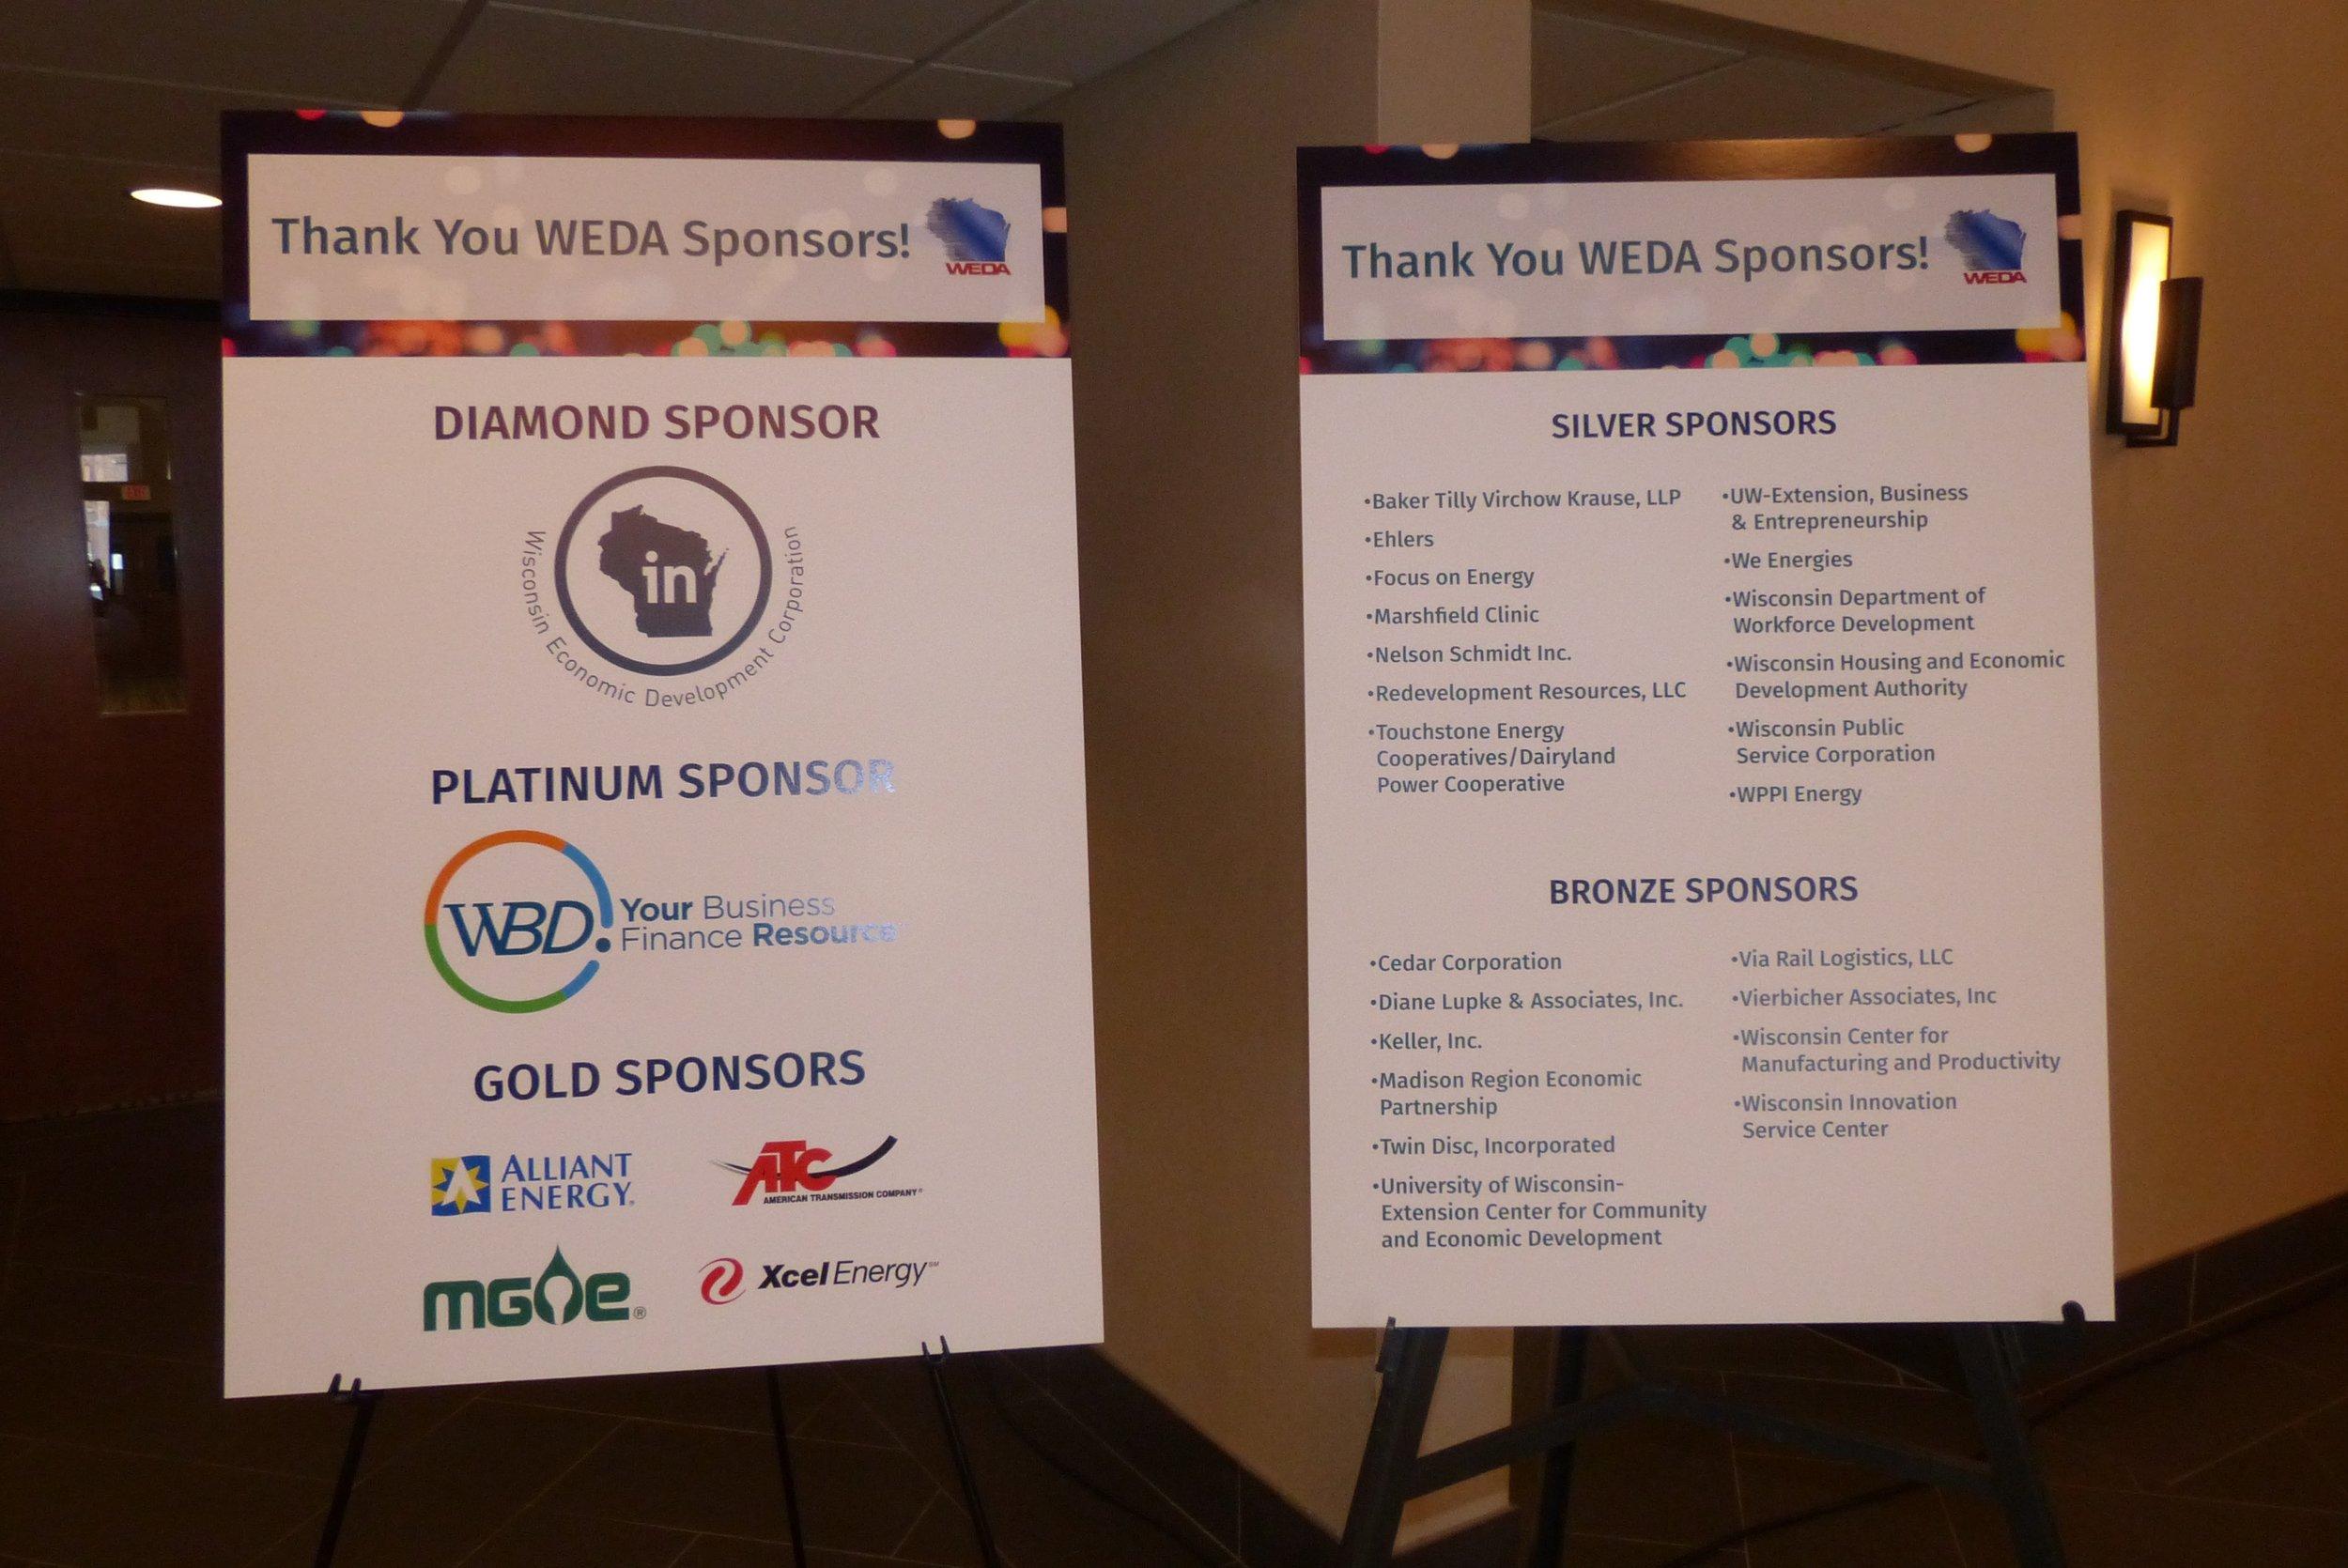 WEDA Sponsors